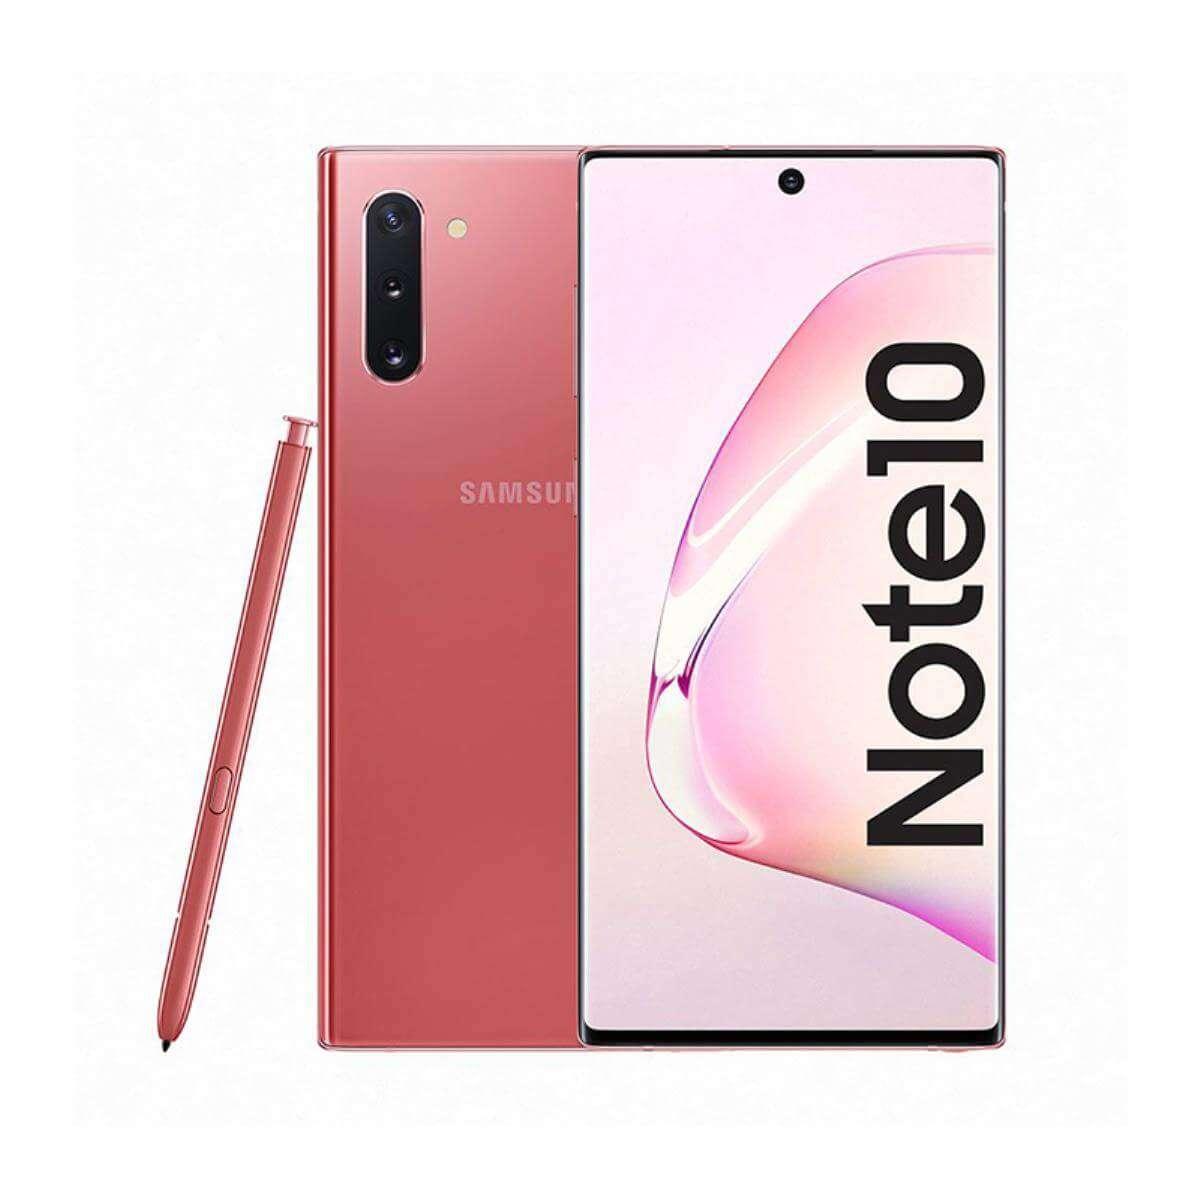 Samsung Galaxy Note 10 Dual SIM - 256GB, 8GB RAM Aura Pink